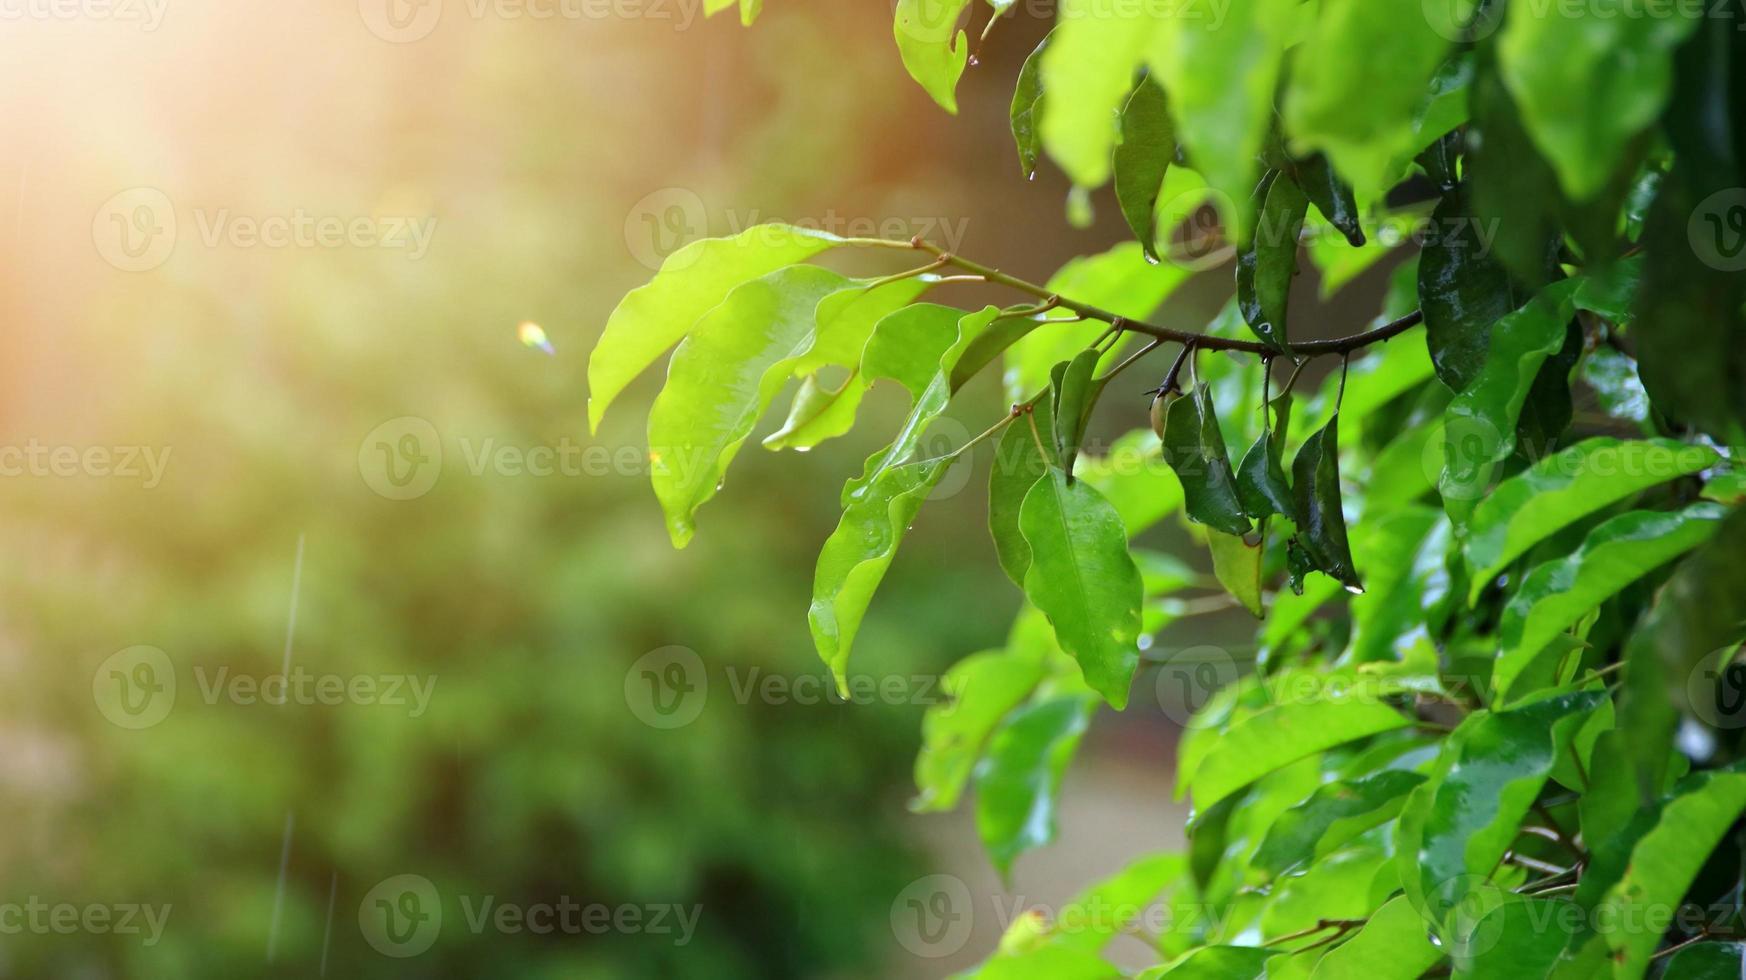 trädet lämnar blött efter att ha utsatts för regn på morgonen foto